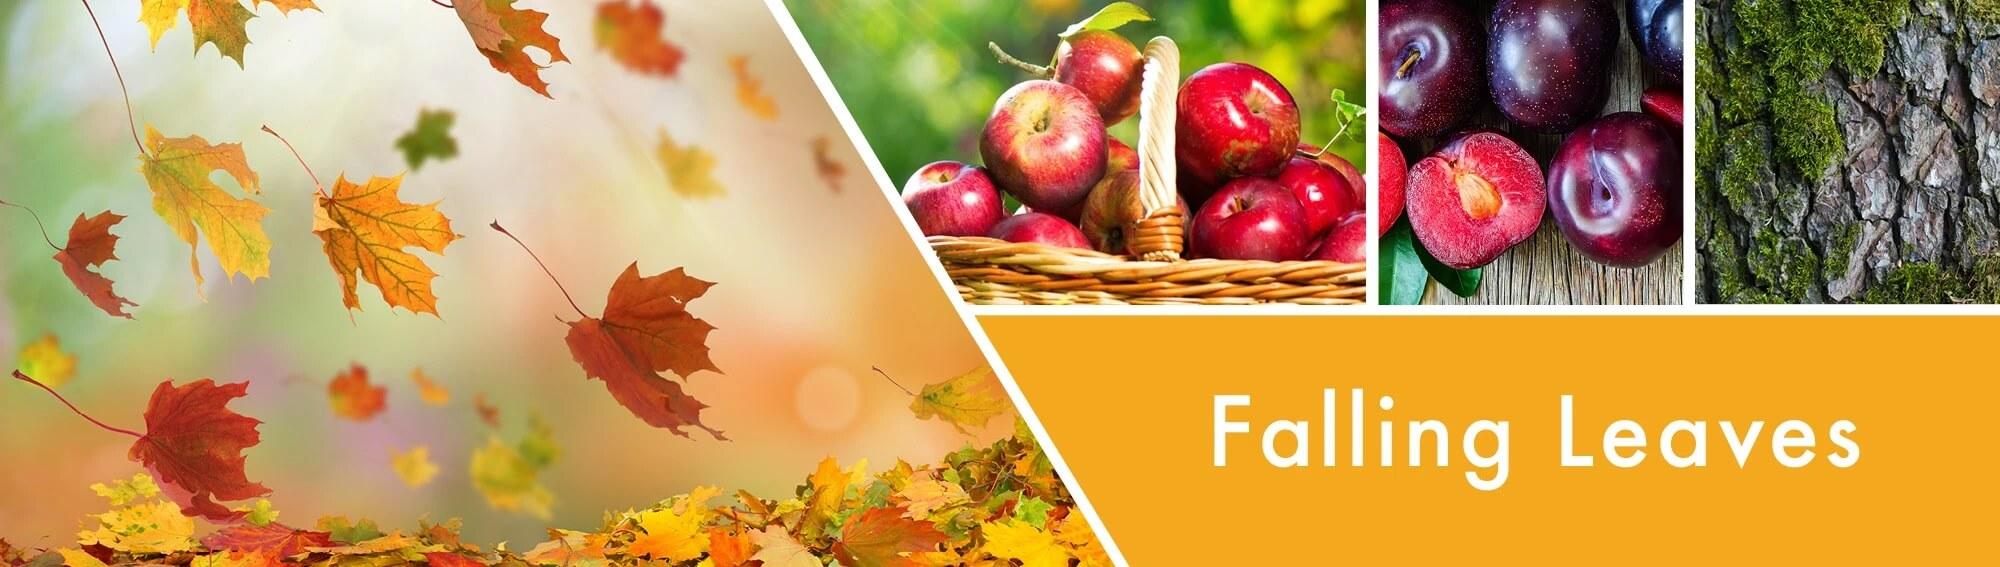 Falling-Leaves-Banner